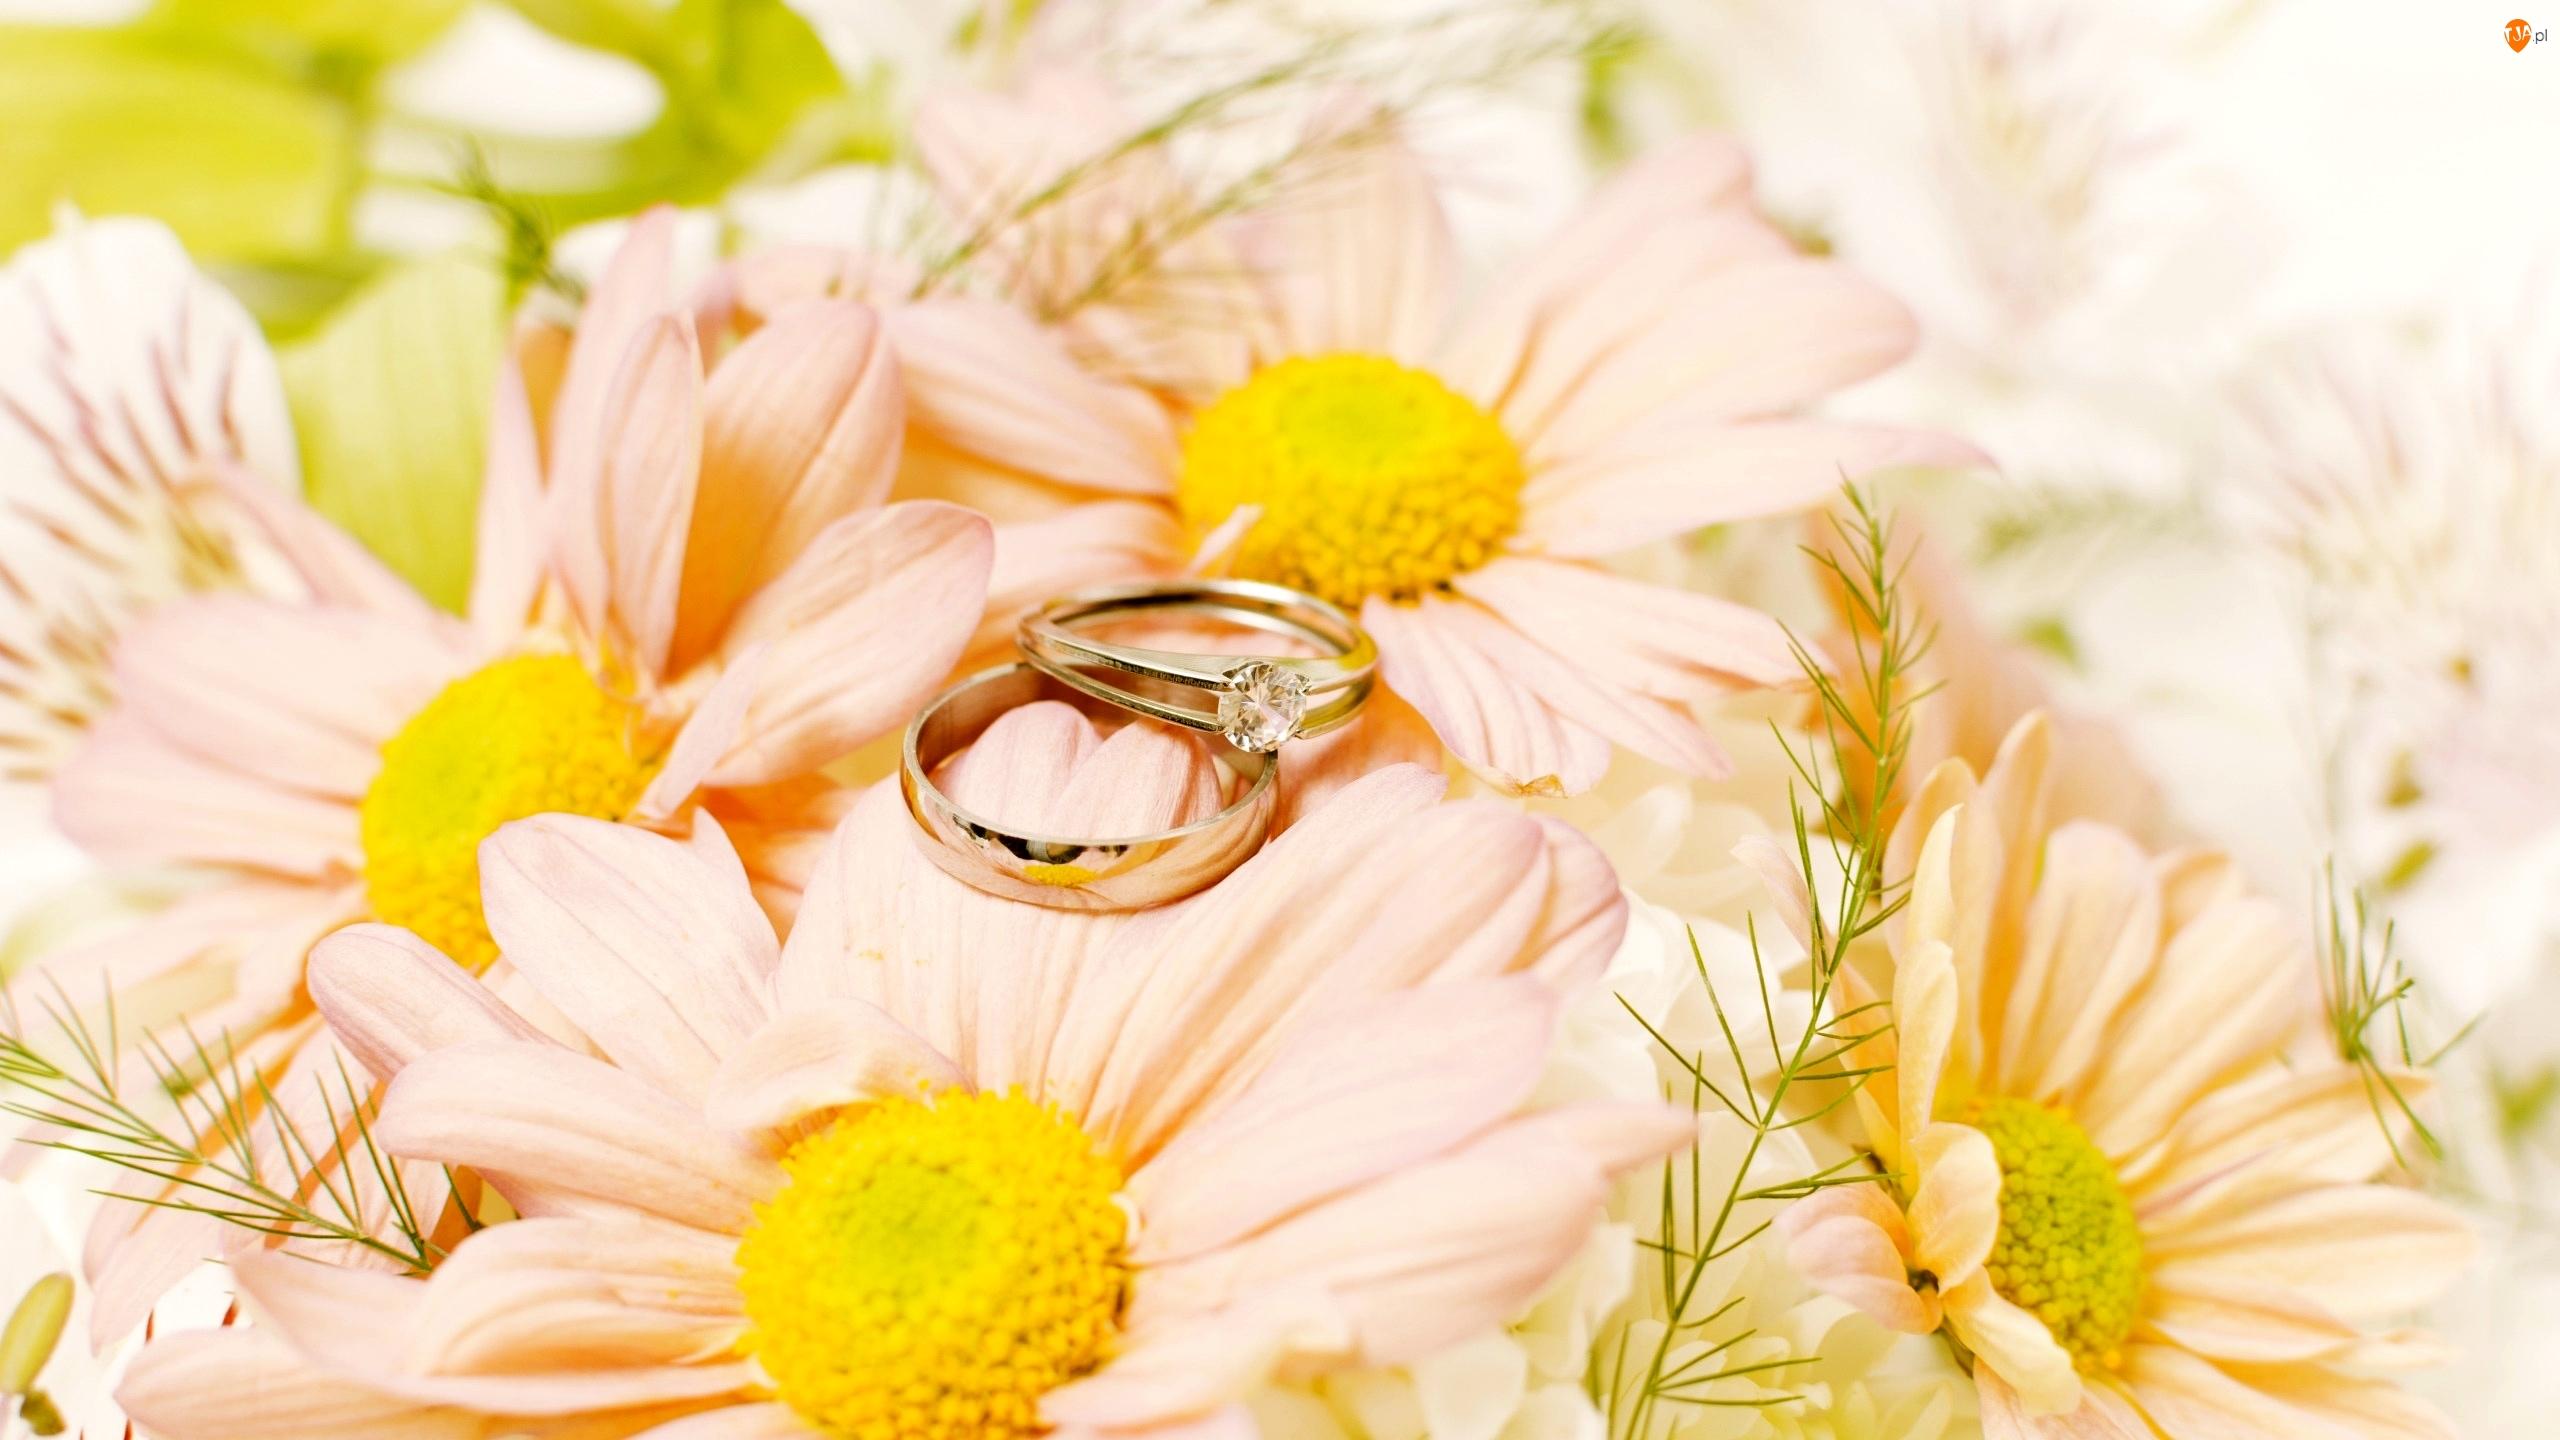 Pierścionek, Kwiaty, Miłosne, Obrączka